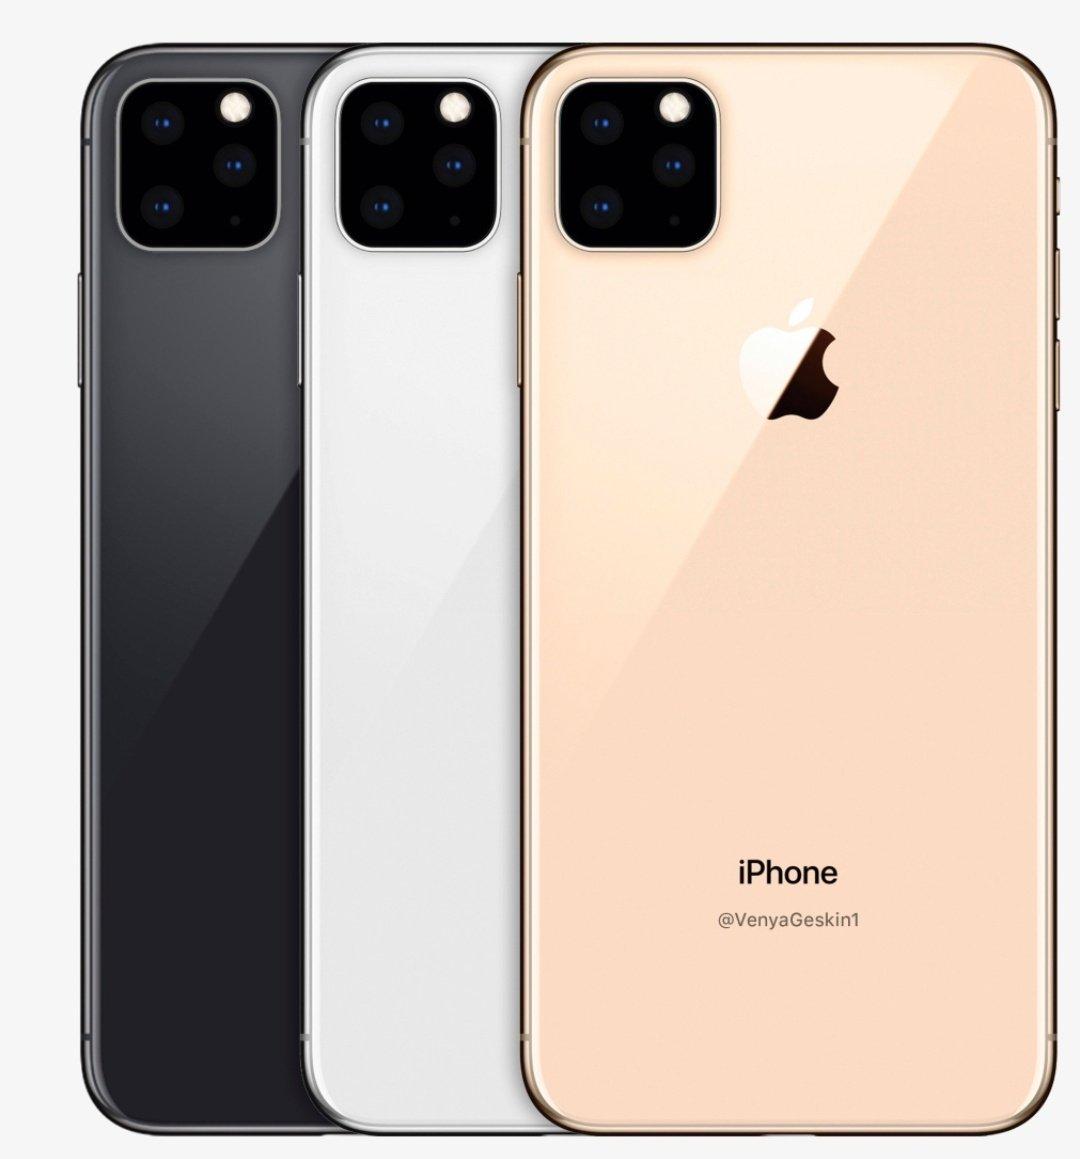 ايفون الجديد Iphone 11 pro max بأقل سعر، اقتنيه الان